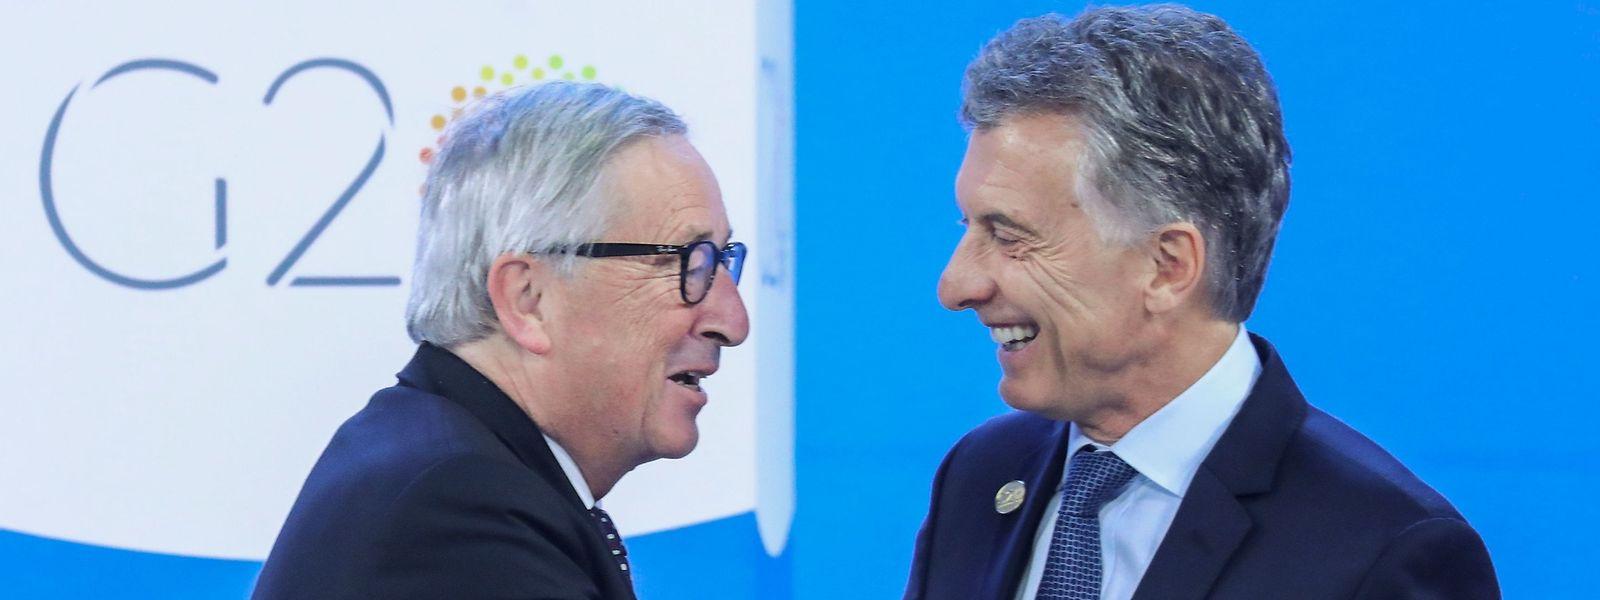 Le président argentin, Mauricio Macri accueille Jean-Claude Juncker, président de la Commission européenne.